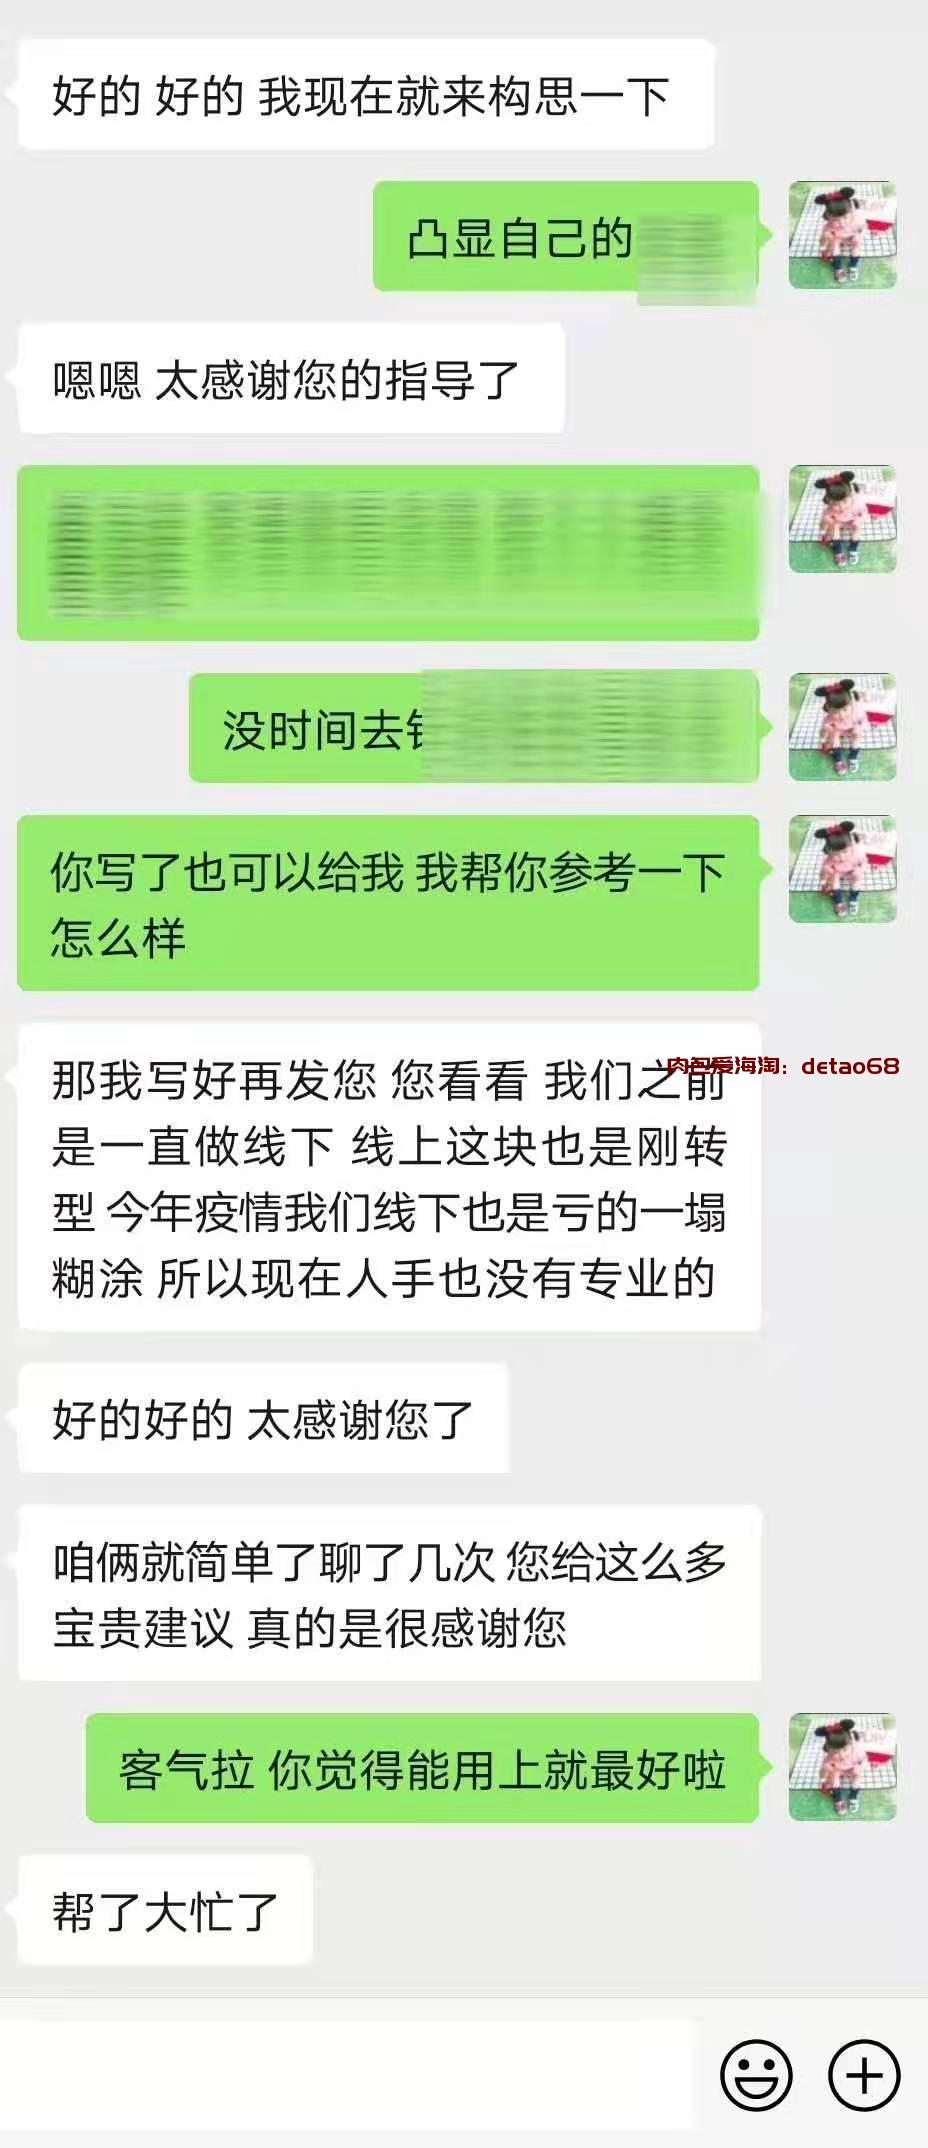 C:\Users\wangl\AppData\Local\Temp\WeChat Files\2921987393b4f411fa525b5f09e90ac.jpg